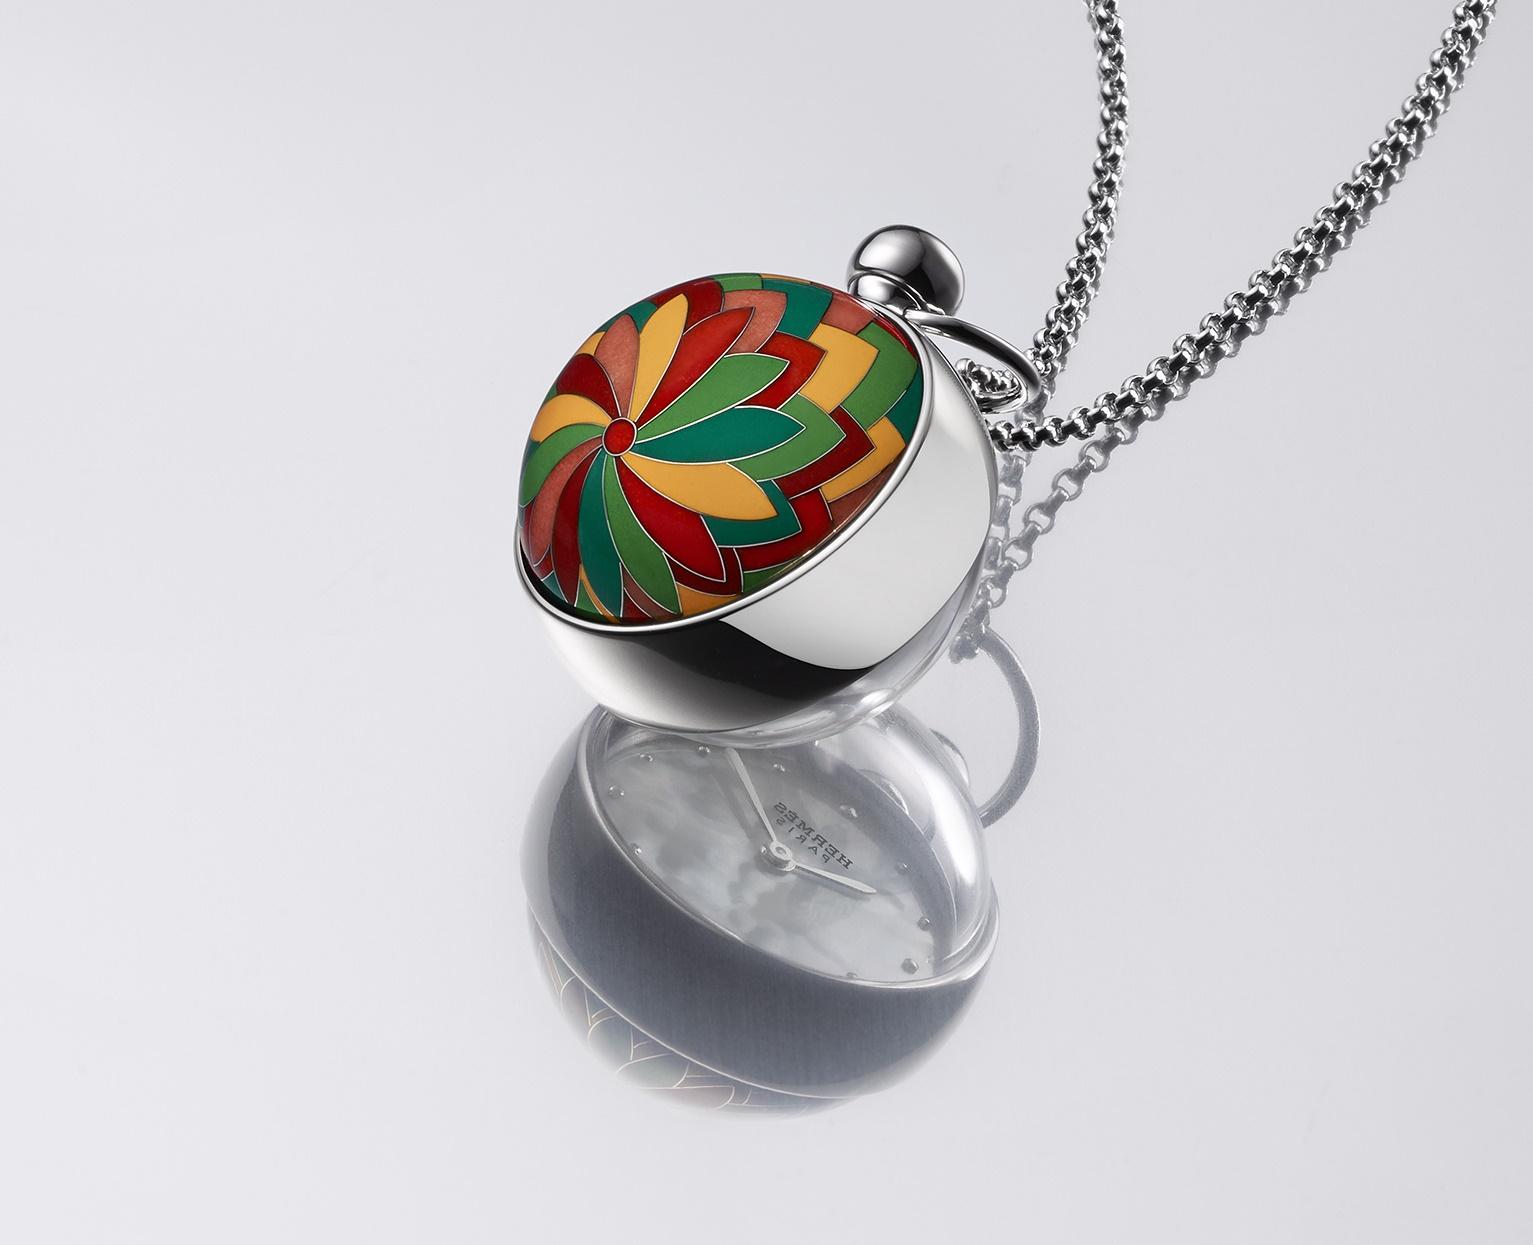 Hermès : Pendentif Boule, un bel hommage à l'art de l'émail cloisonné